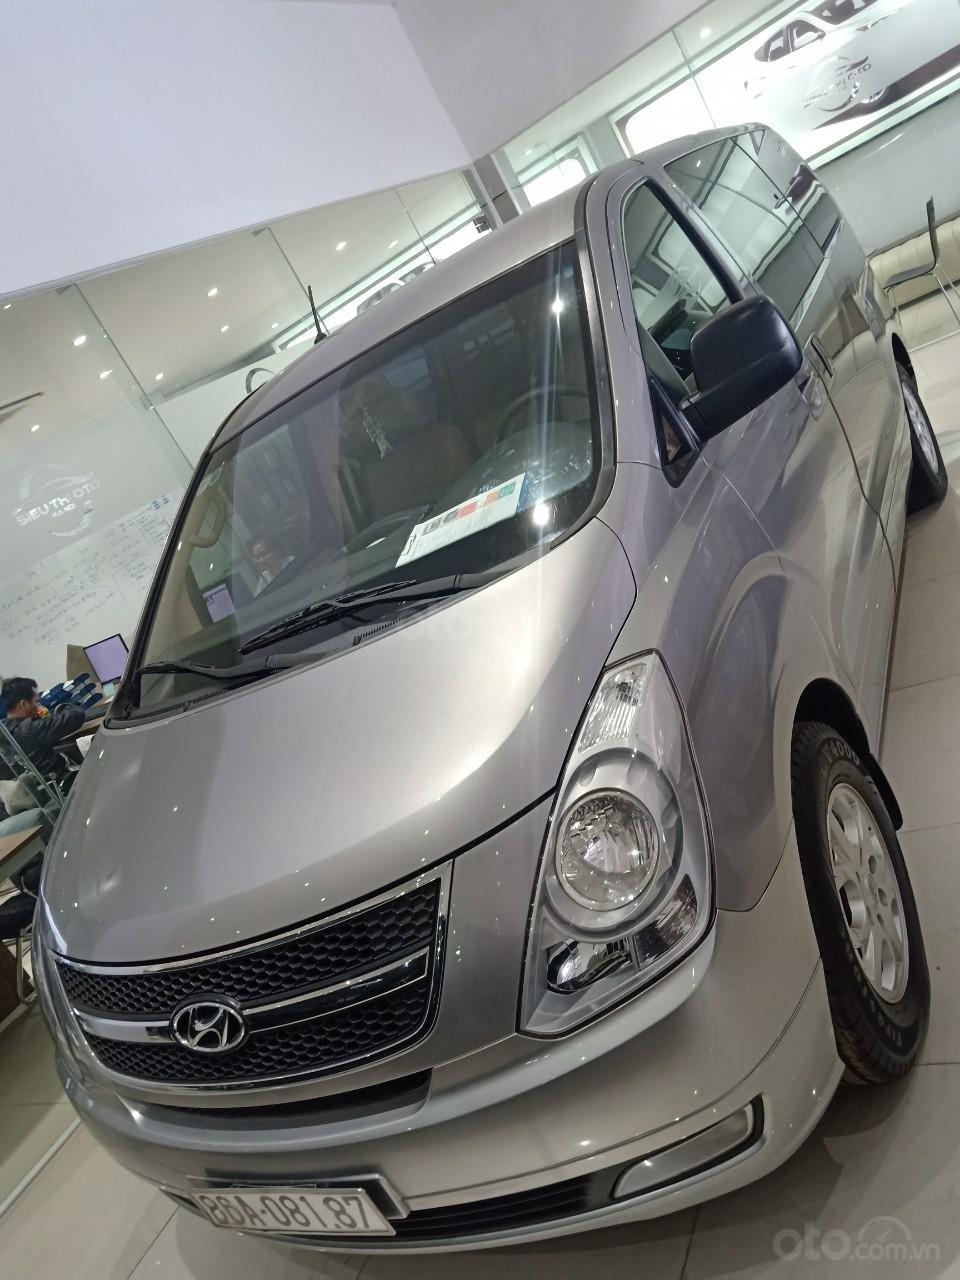 Bán xe Hyundai Starex 2.5D MT 9 chỗ 2013, màu bạc, xe nhập, giá tốt (2)